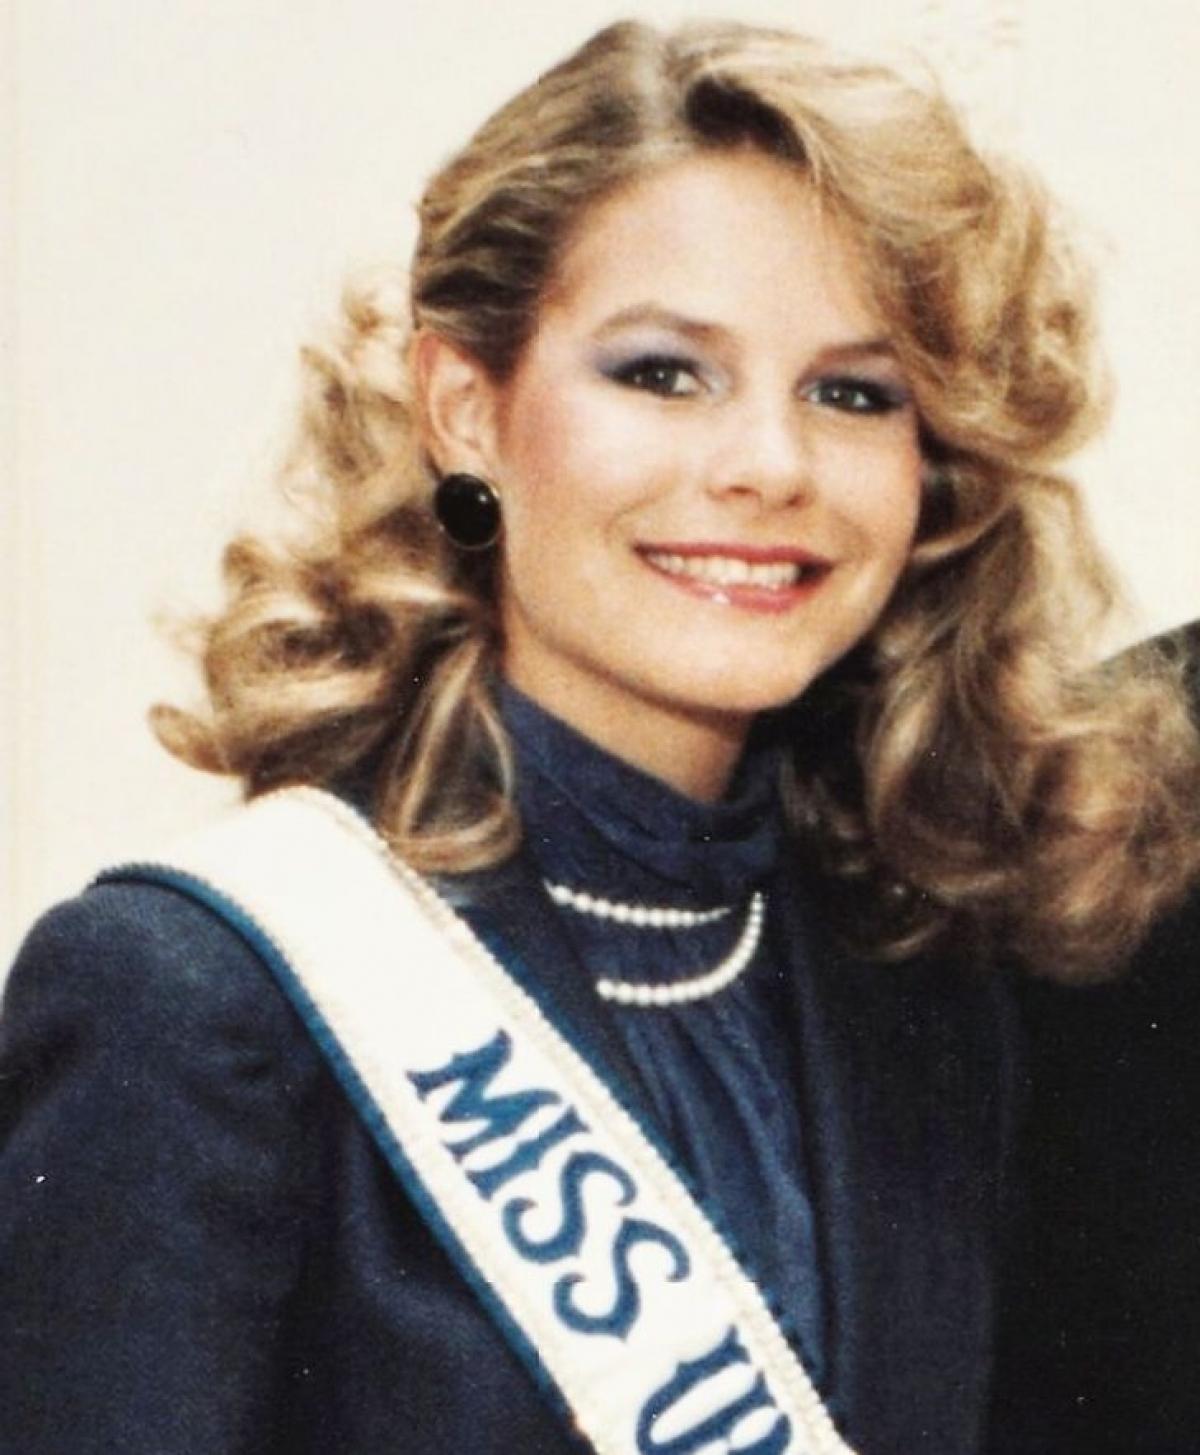 Lorraine Elizabeth Downes là một người mẫu và hoa hậu của New Zealnd. Bà từng là Hoa hậu Hoàn vũ 1983.